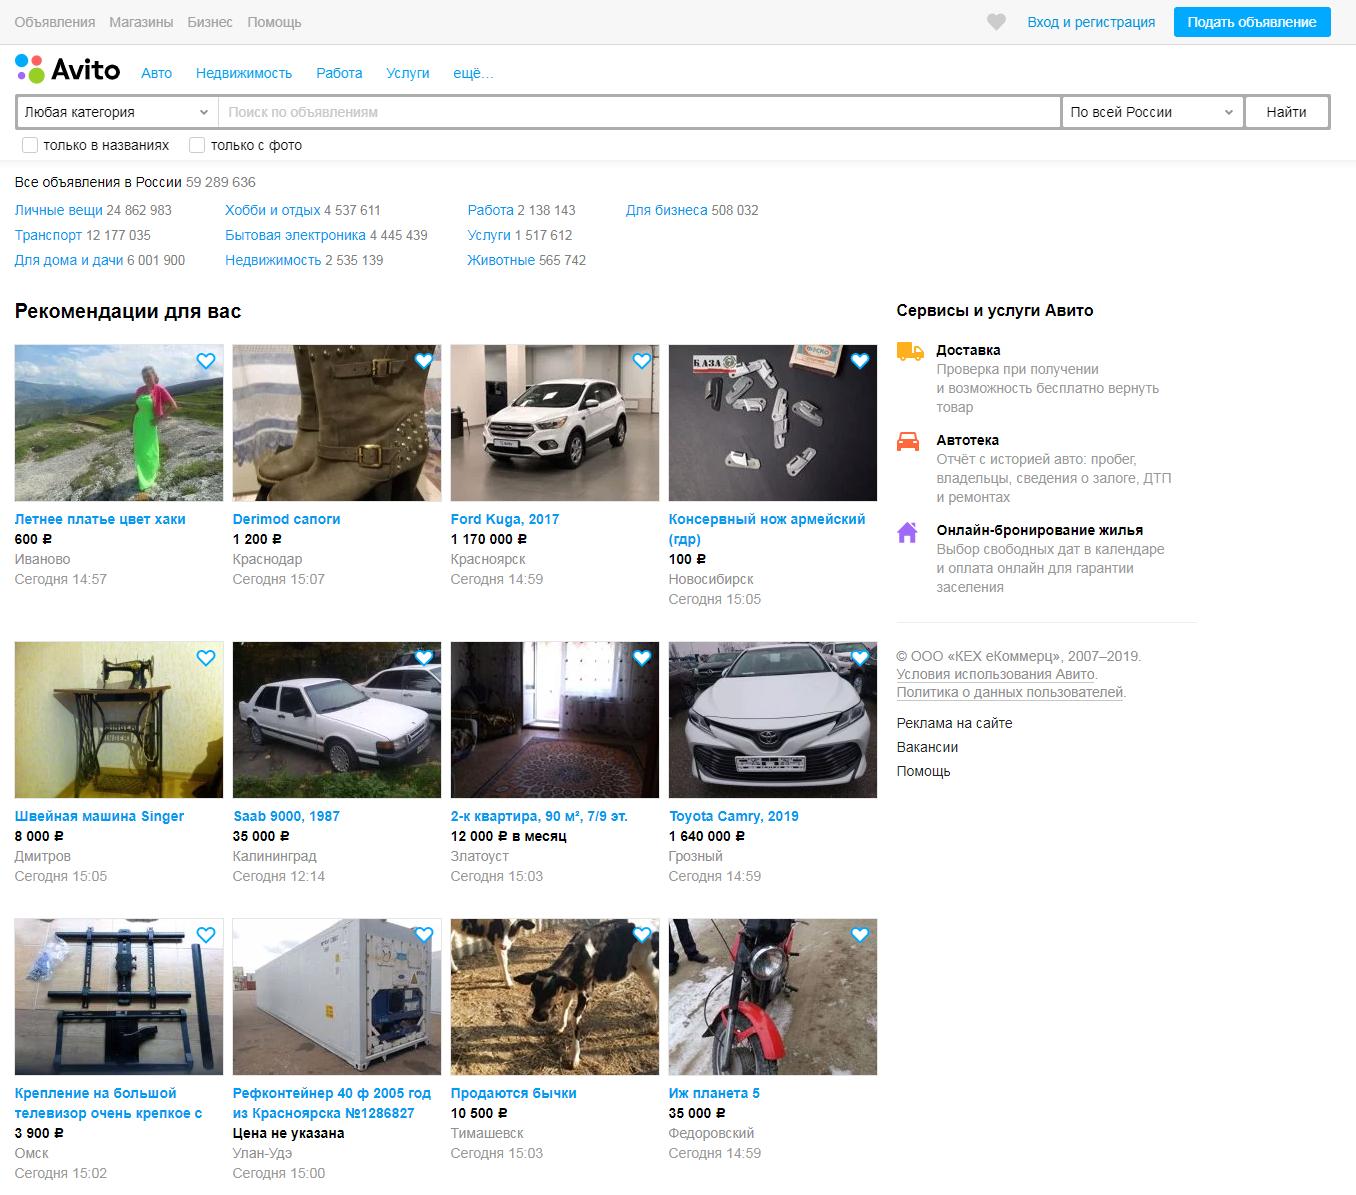 Avito-ads in Russia-Ads on the site Avito